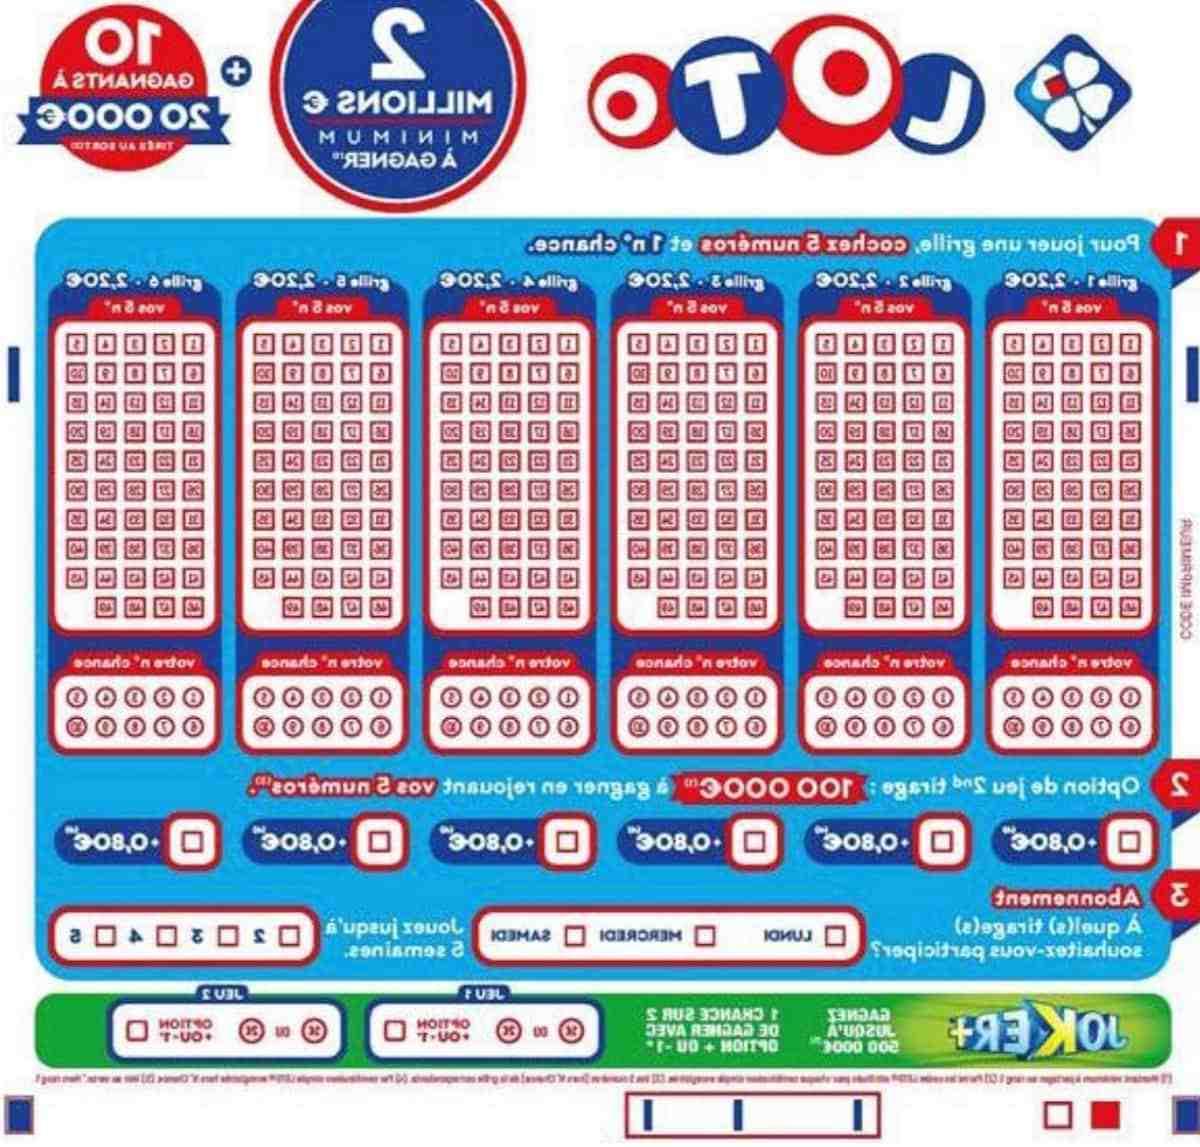 Quels sont les numéros qui sortent le plus au Loto ?